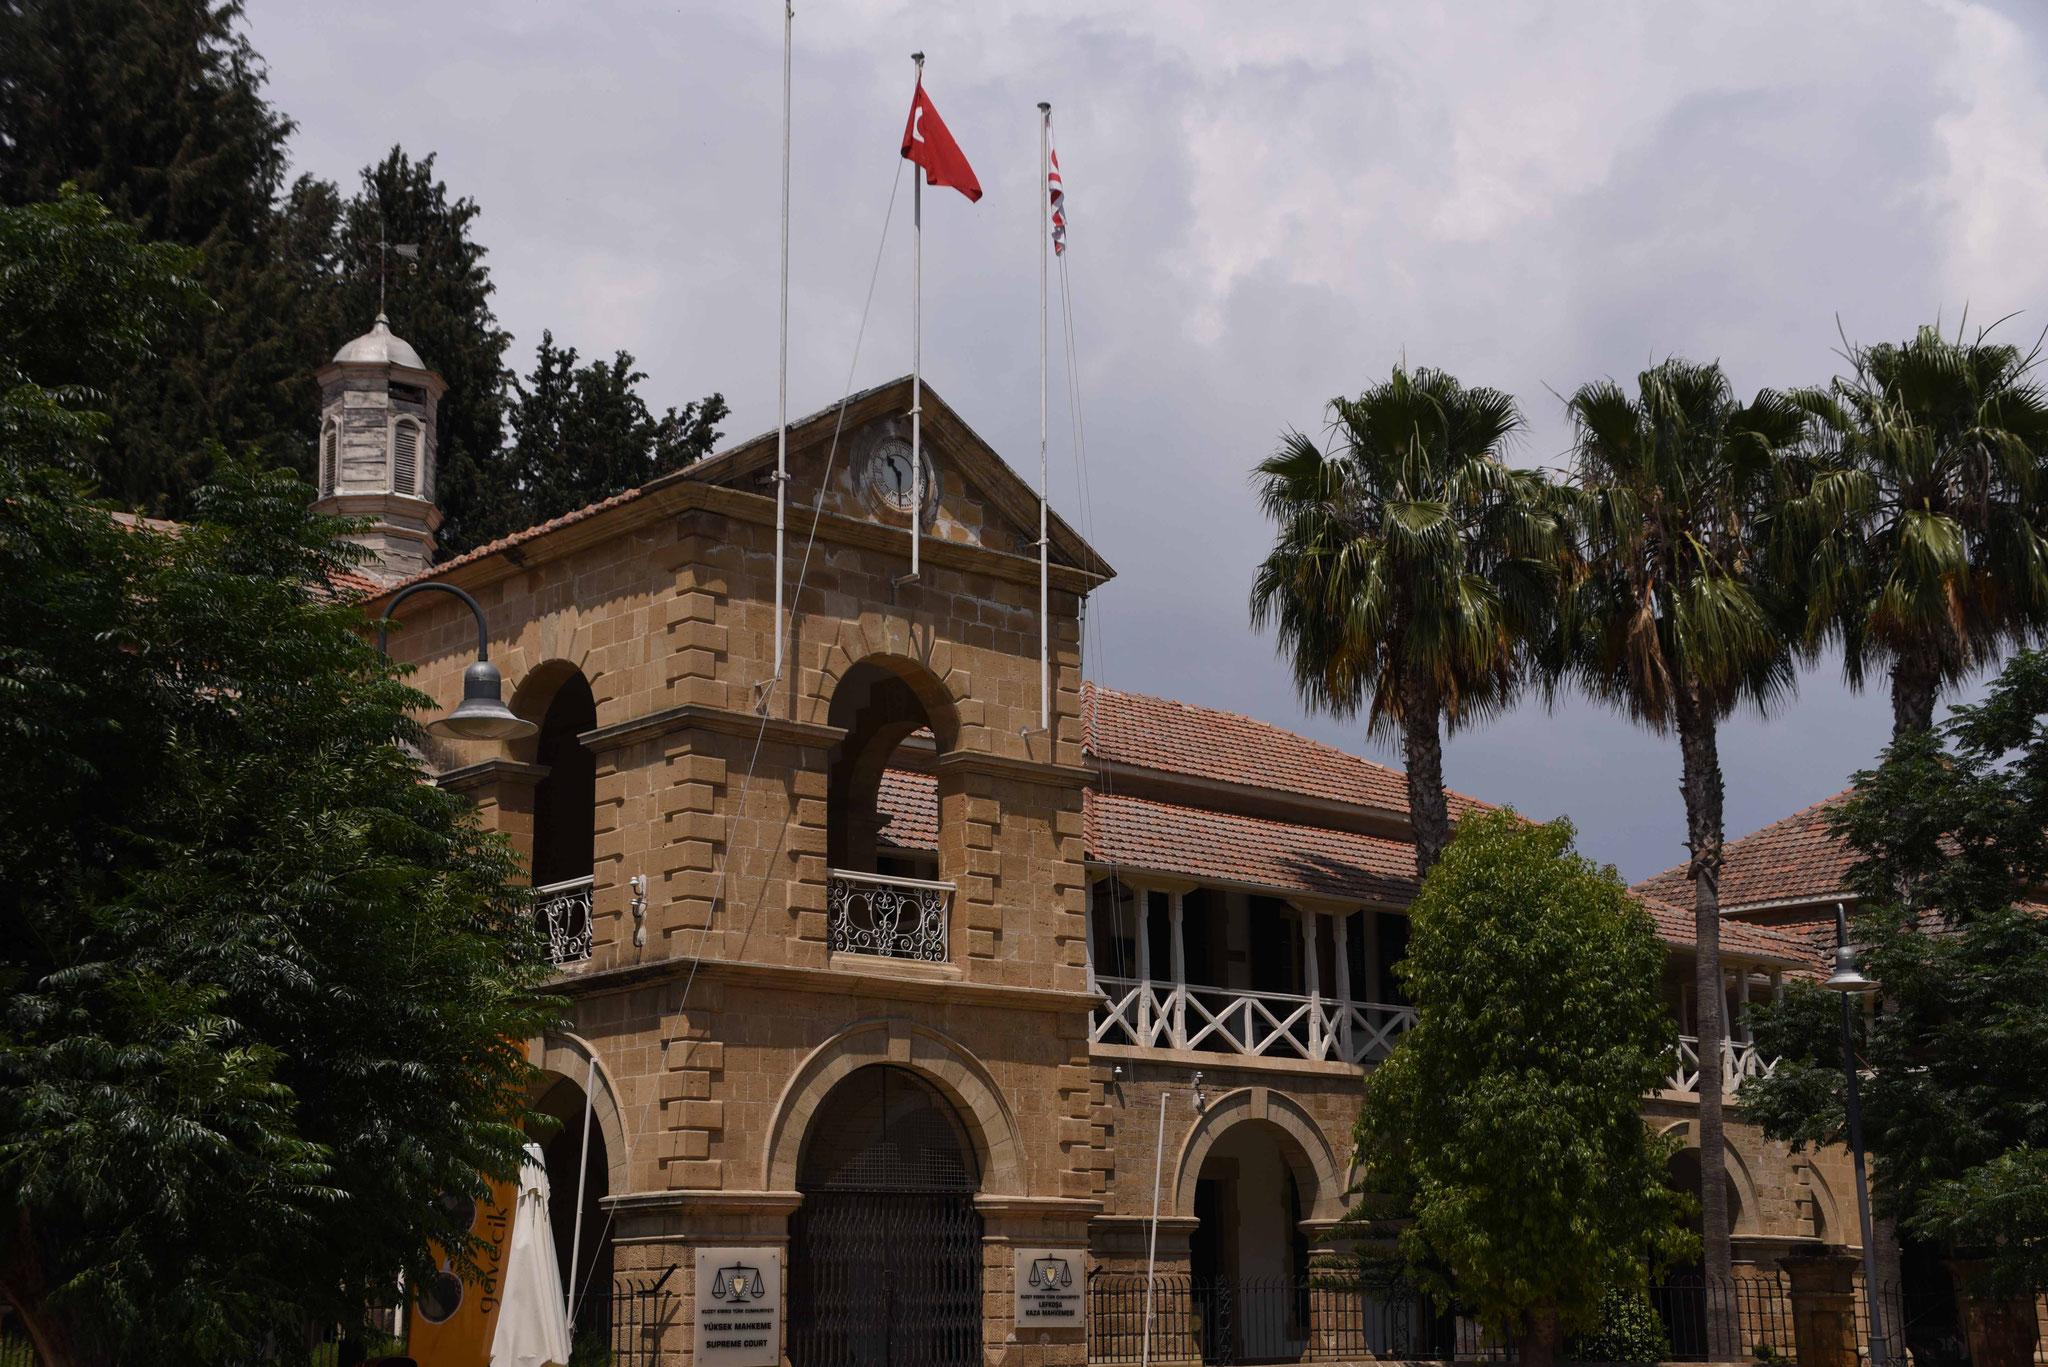 Überall weht die türkische und Türkisch-zypriotische Flagge